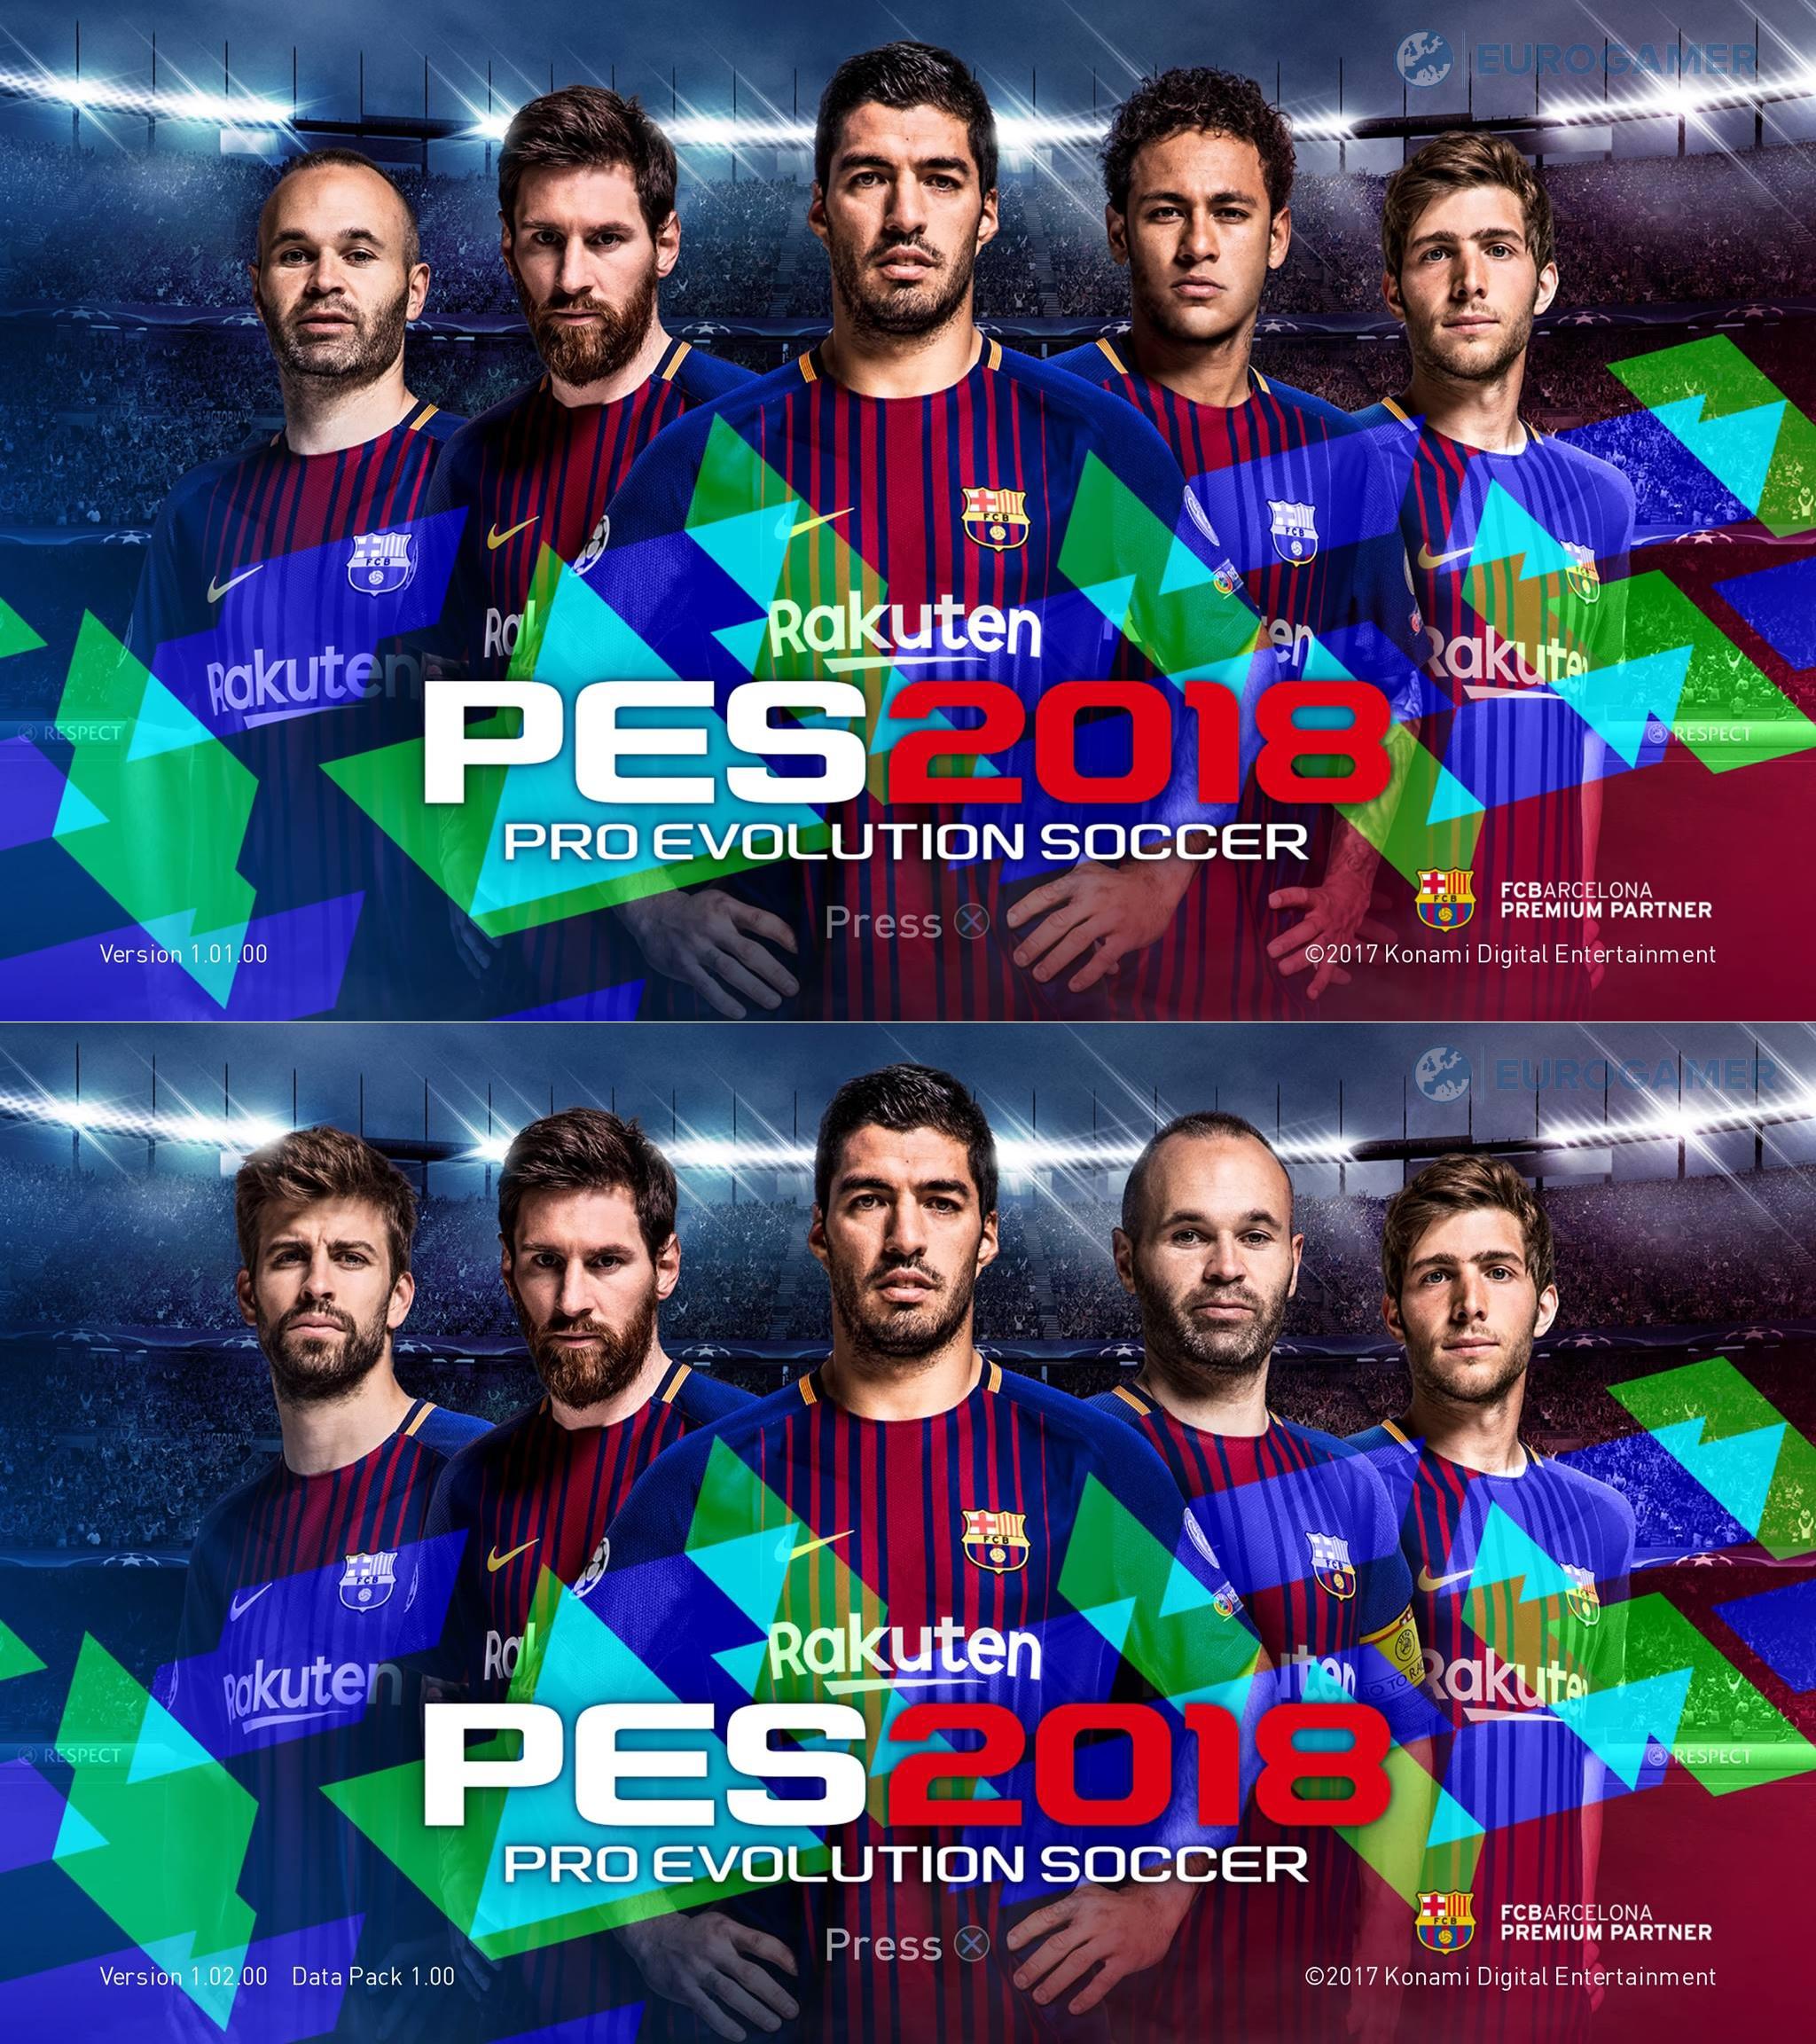 Atualização elimina a relação entre Neymar e o Barcelona em PES 2018